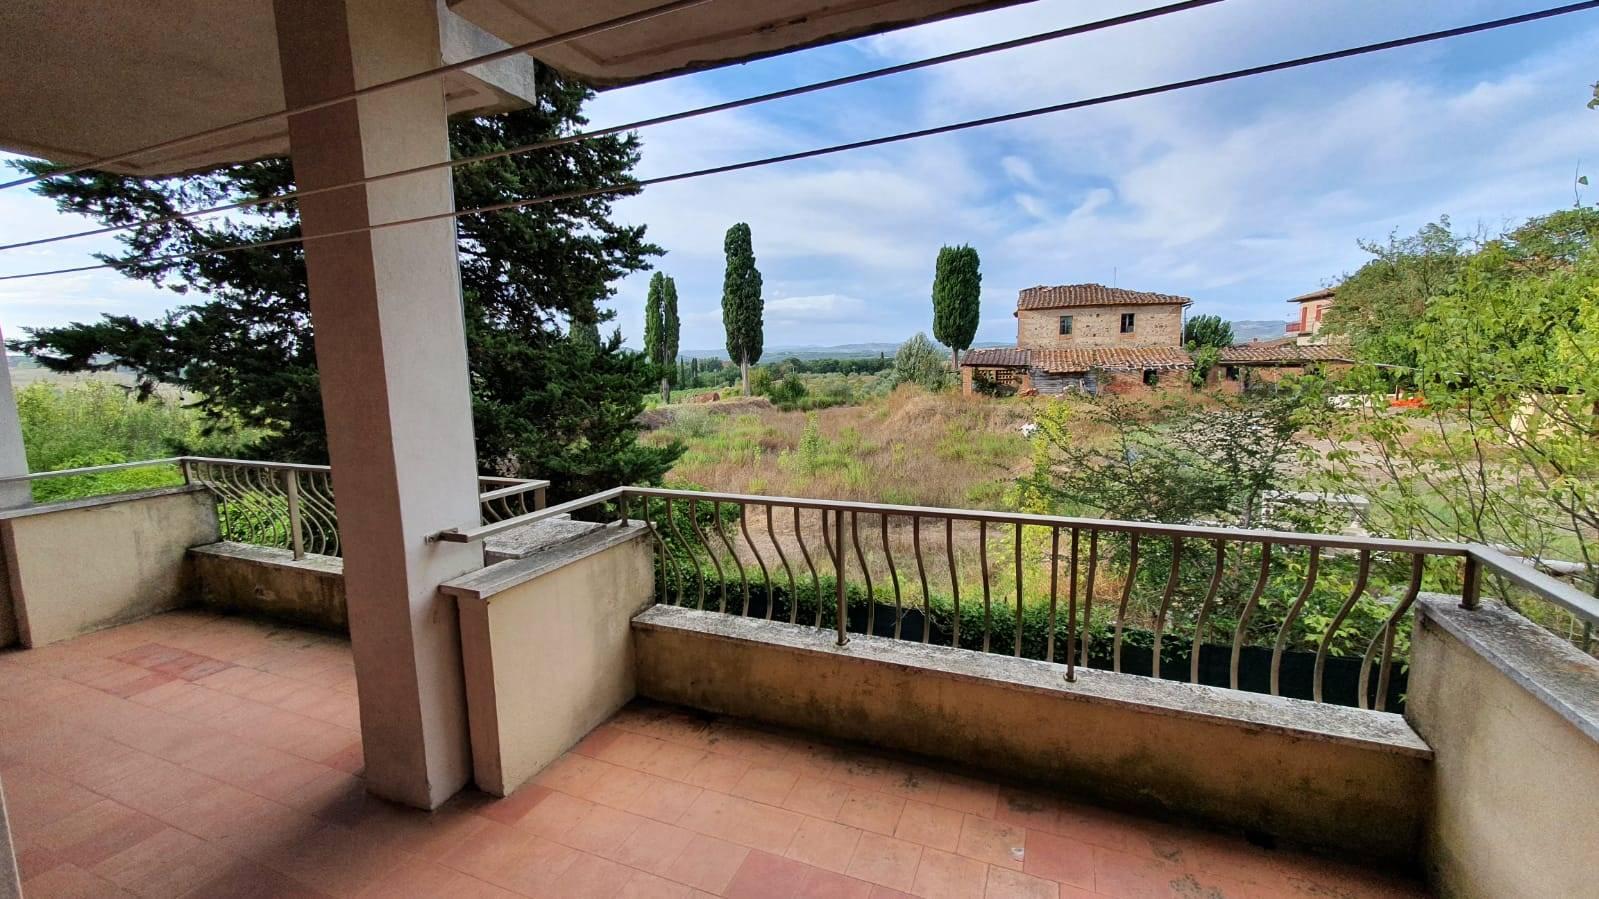 Appartamento in vendita a Castelnuovo Berardenga, 4 locali, zona Località: MONTEAPERTI, prezzo € 180.000 | PortaleAgenzieImmobiliari.it